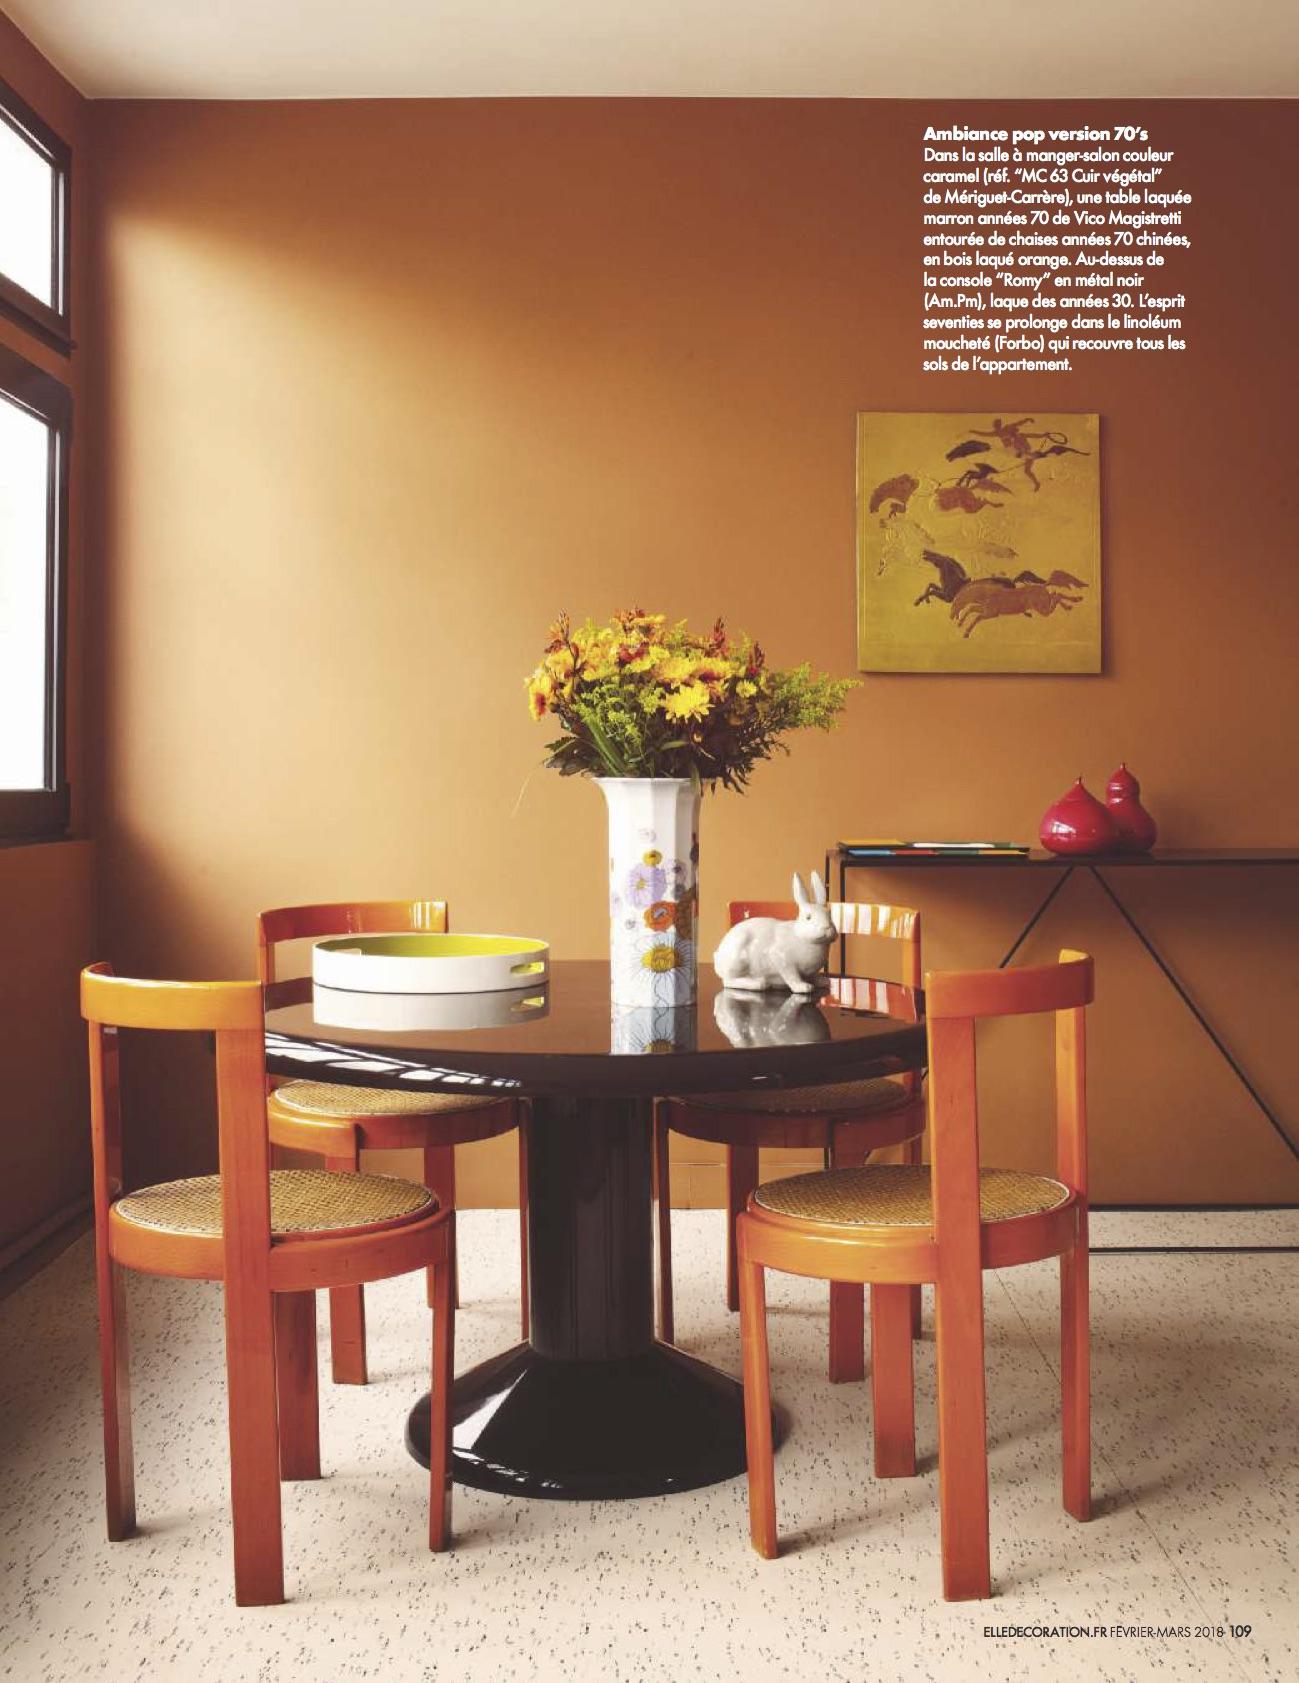 Canape Romy Conforama Beau Image Deco Salon Annee 70 Excellent Dcoration De Table originale Nouveau